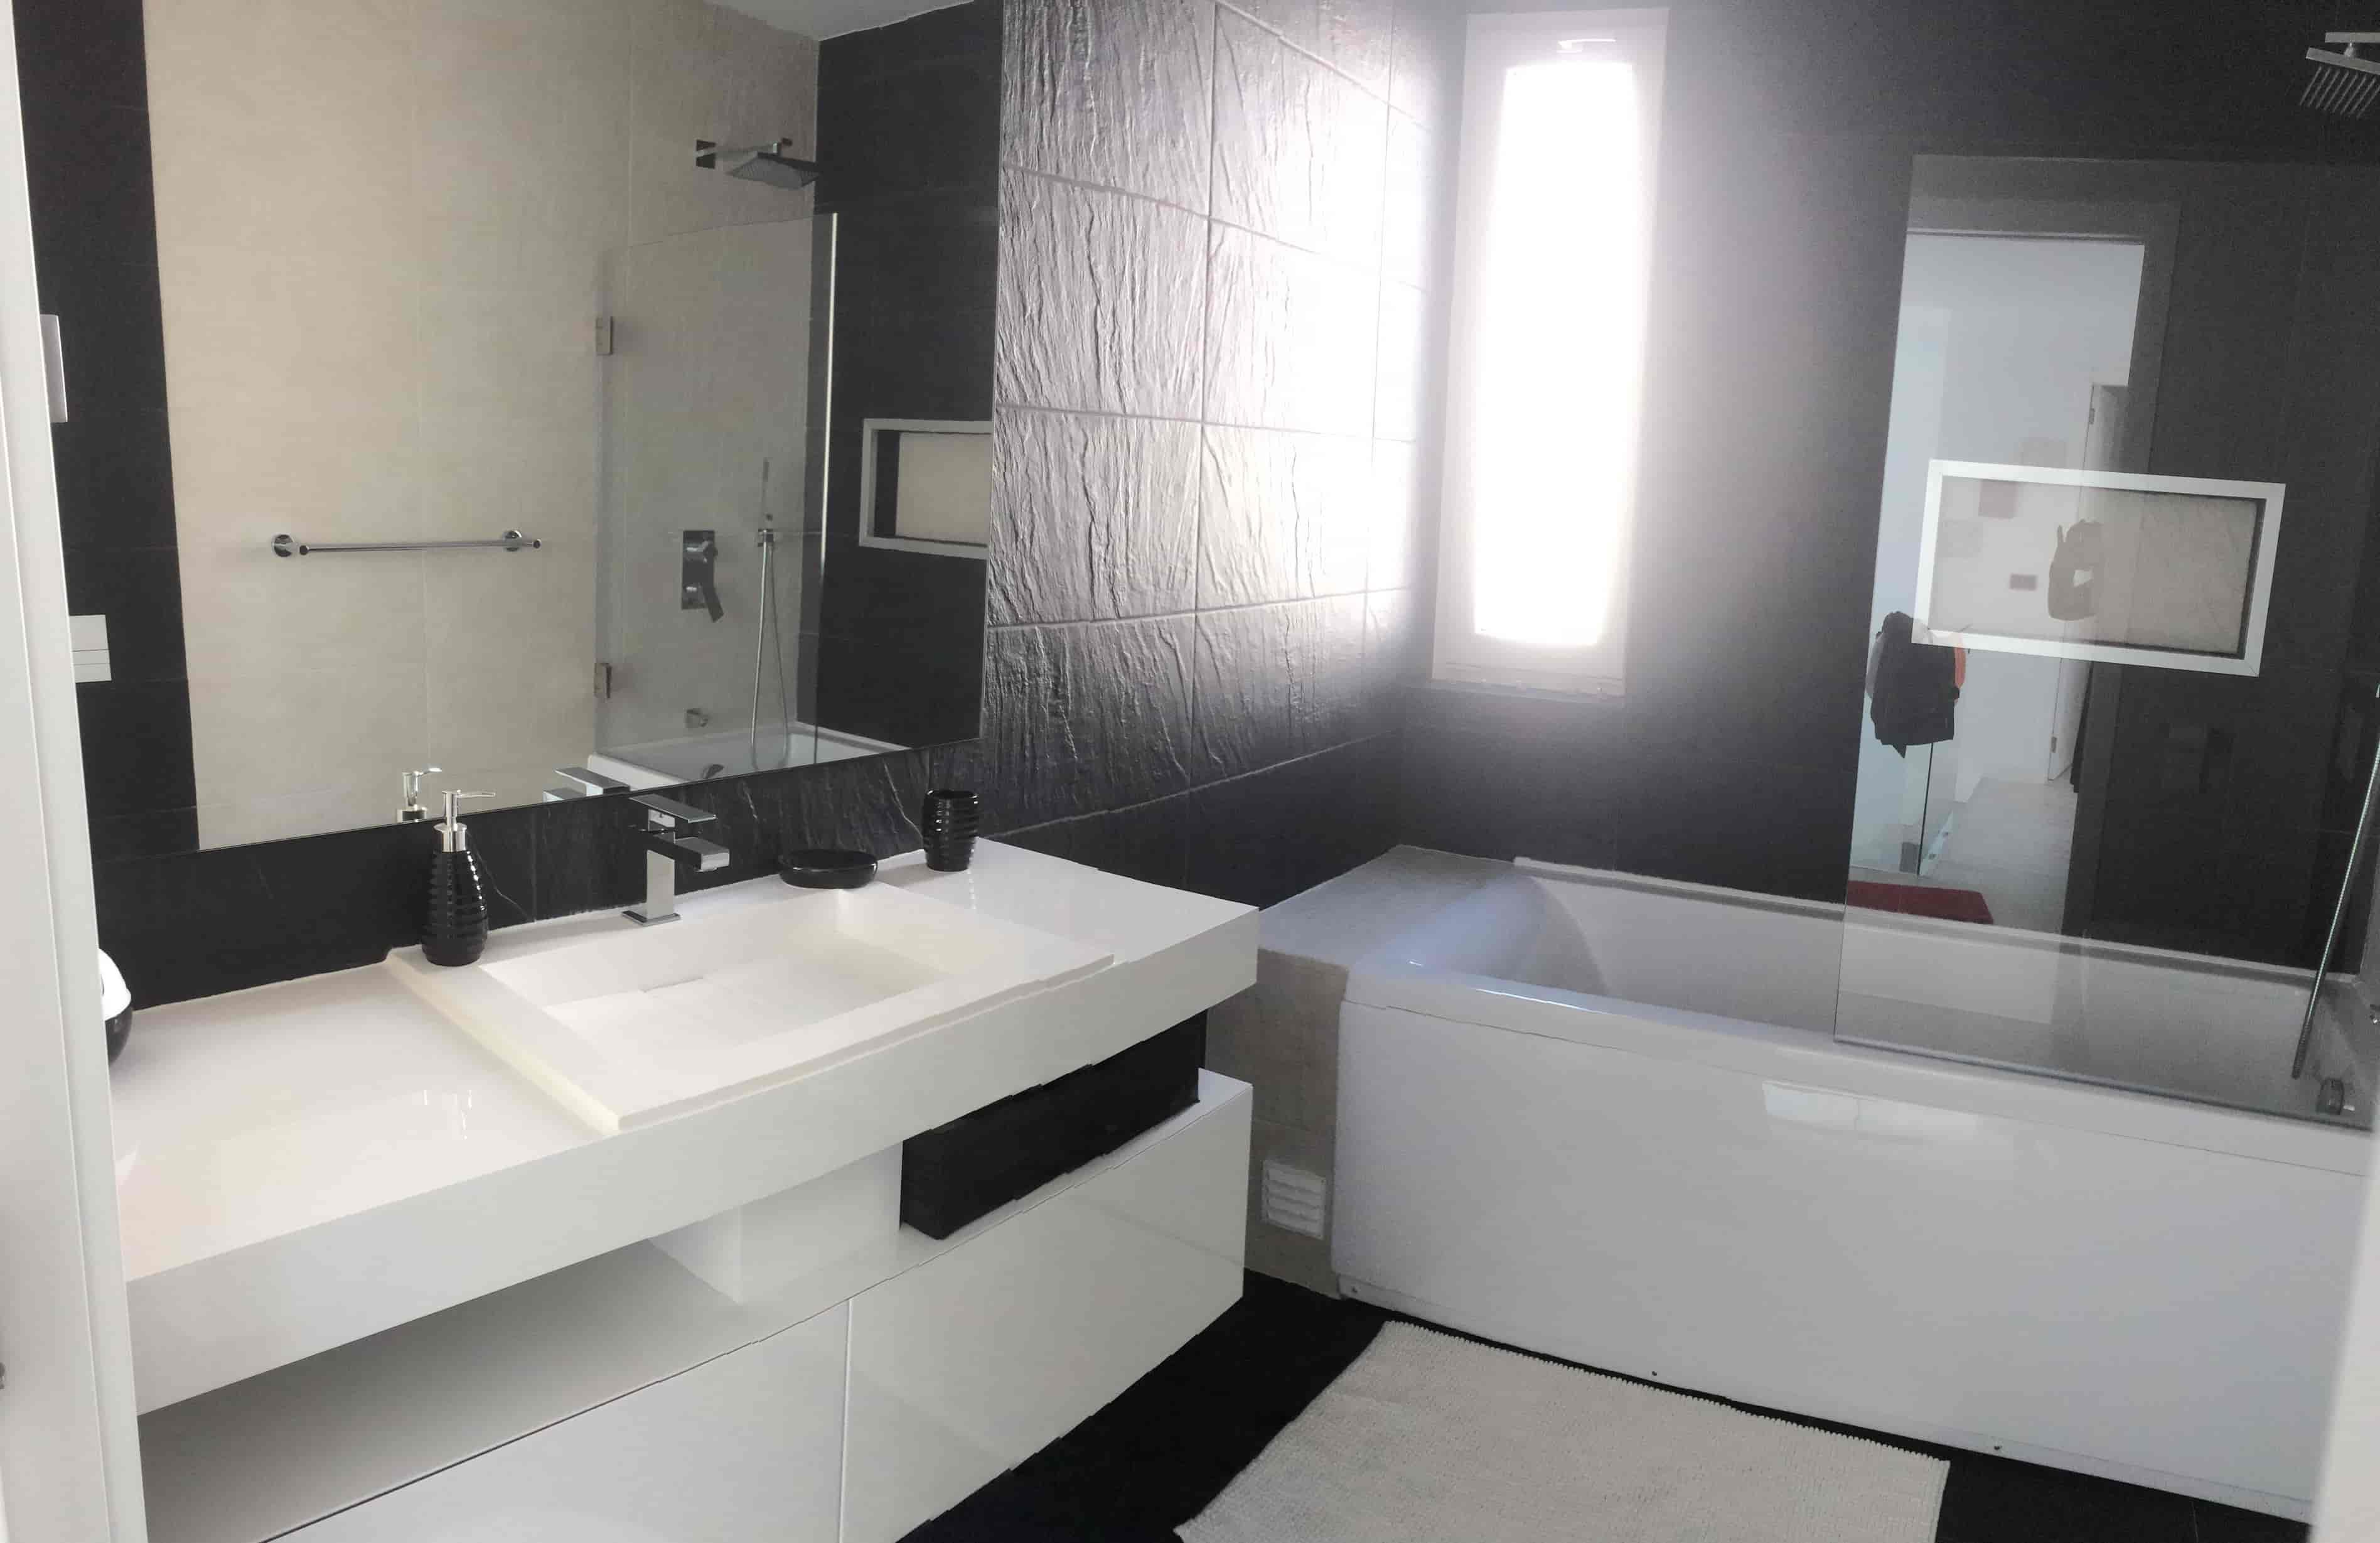 Salle de bain principale de notre maison au Portugal à Aroeira